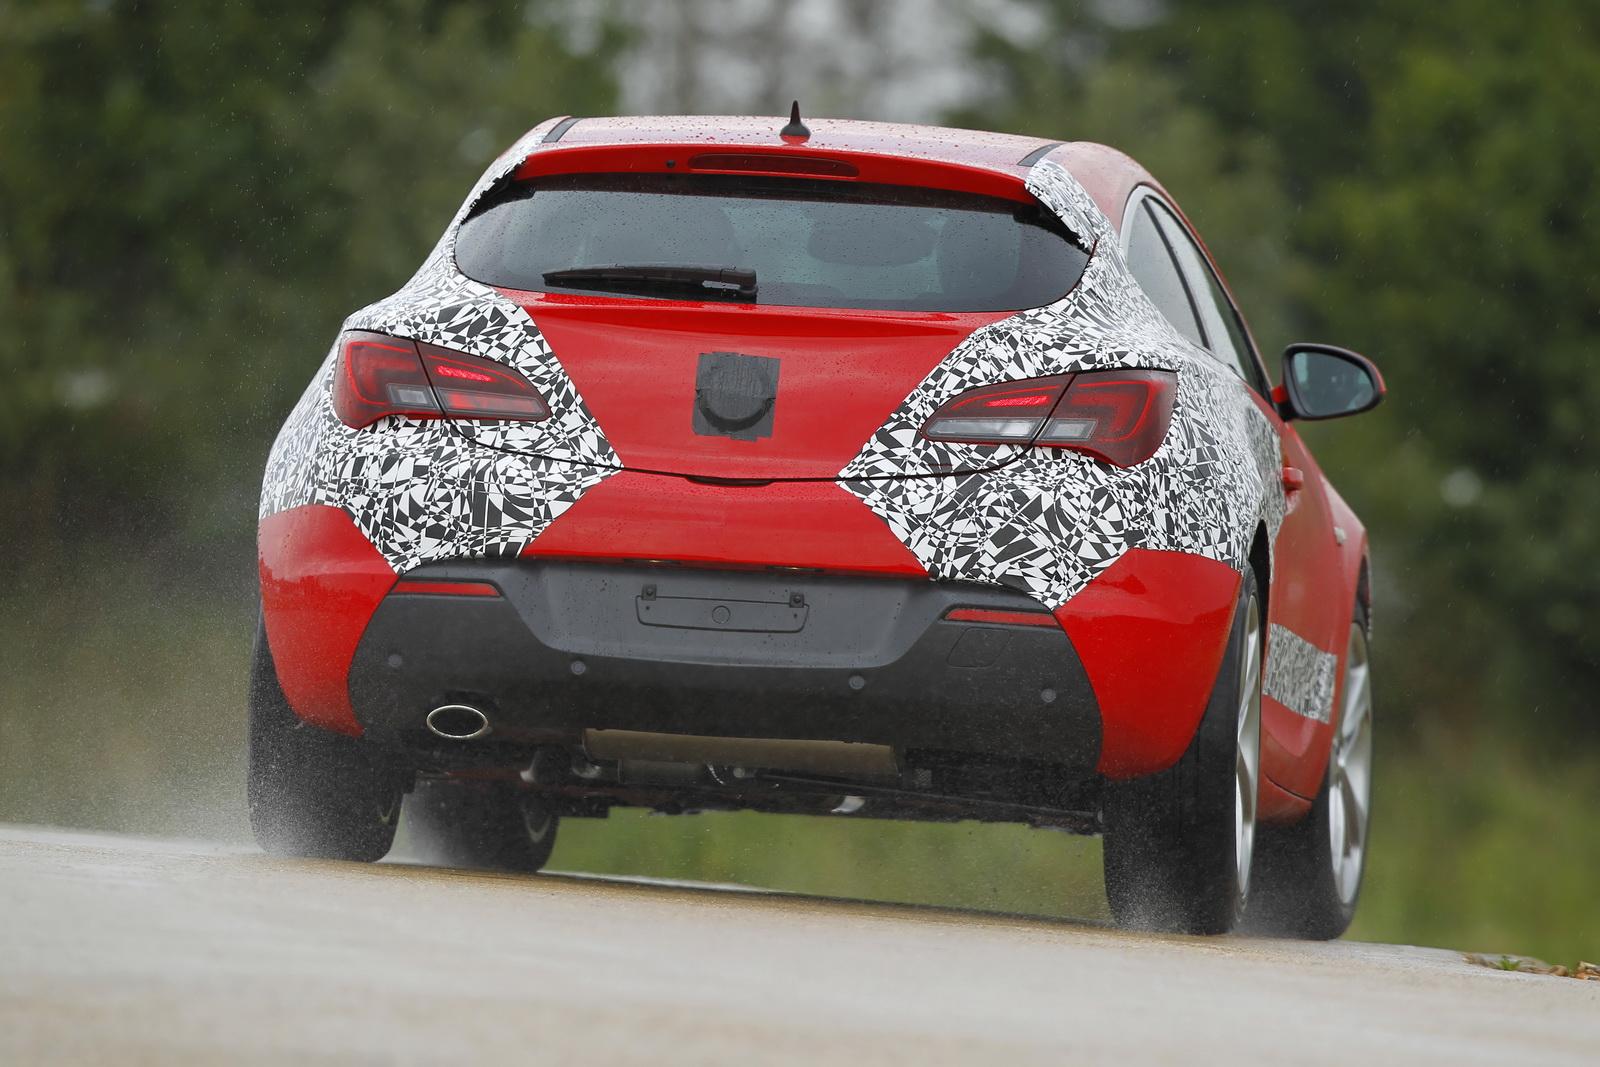 http://4.bp.blogspot.com/-nOoGuG0EAVs/TisK3gOaA7I/AAAAAAABKy0/U0uGYG_H8F8/s1600/2012_Vauxhall-Astra-GTC_02.JPG